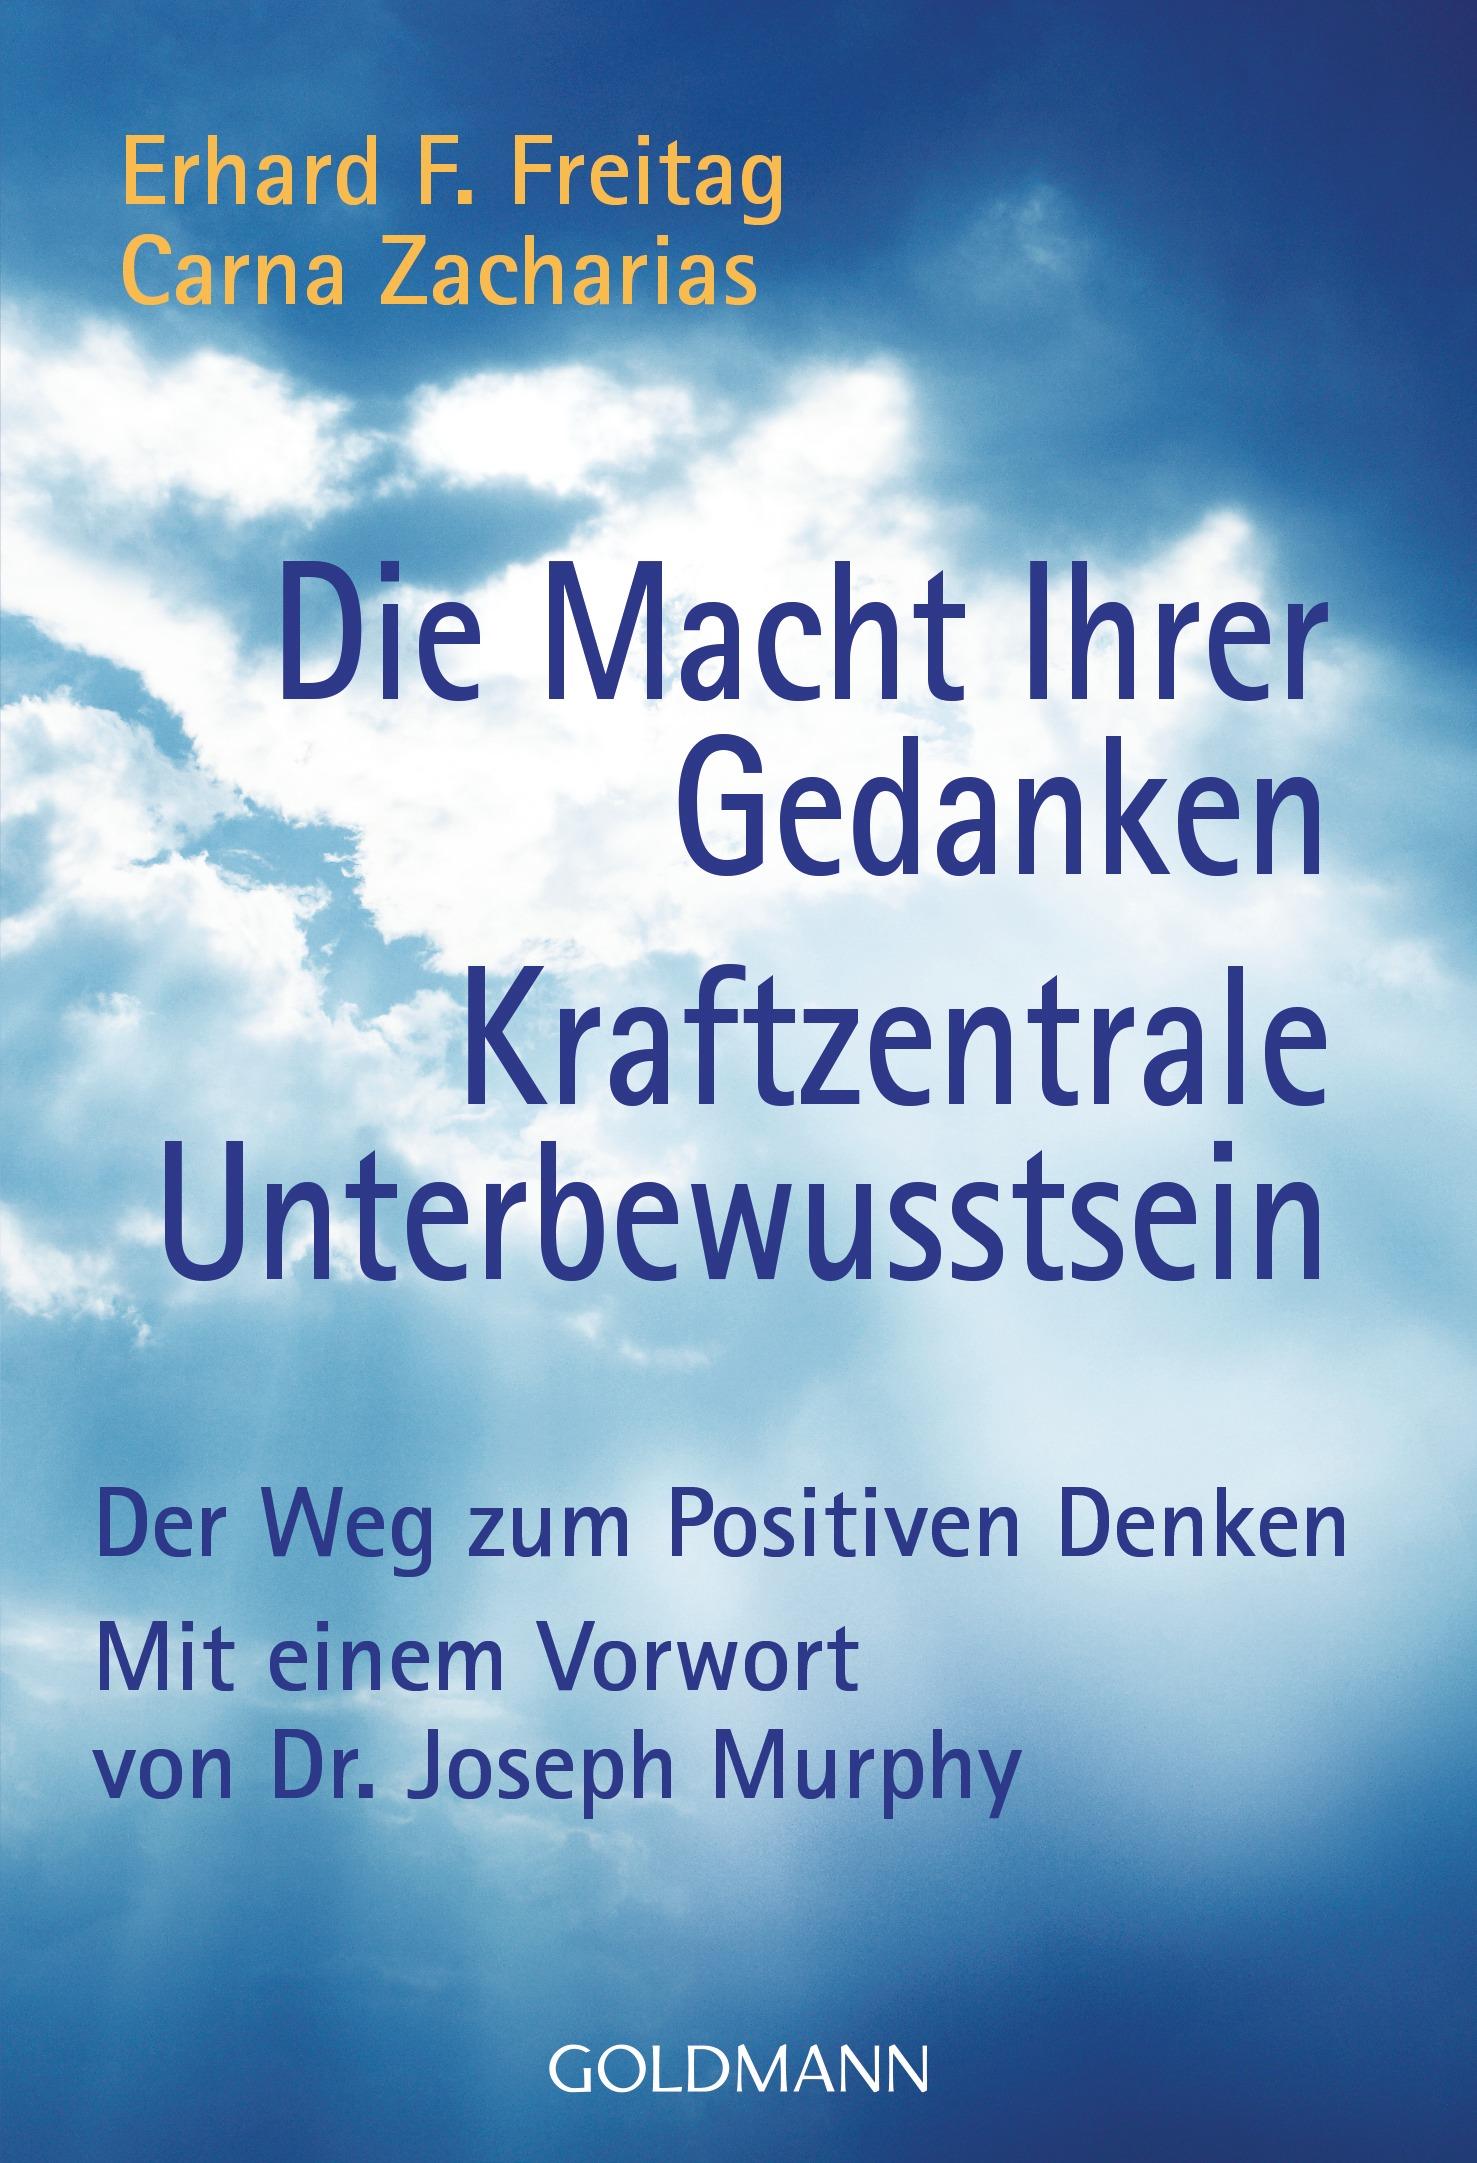 Die Macht Ihrer Gedanken - Kraftzentrale Unterbewusstsein: Der Weg zum Positiven Denken. Mit einem Vorwort von Joseph Mu